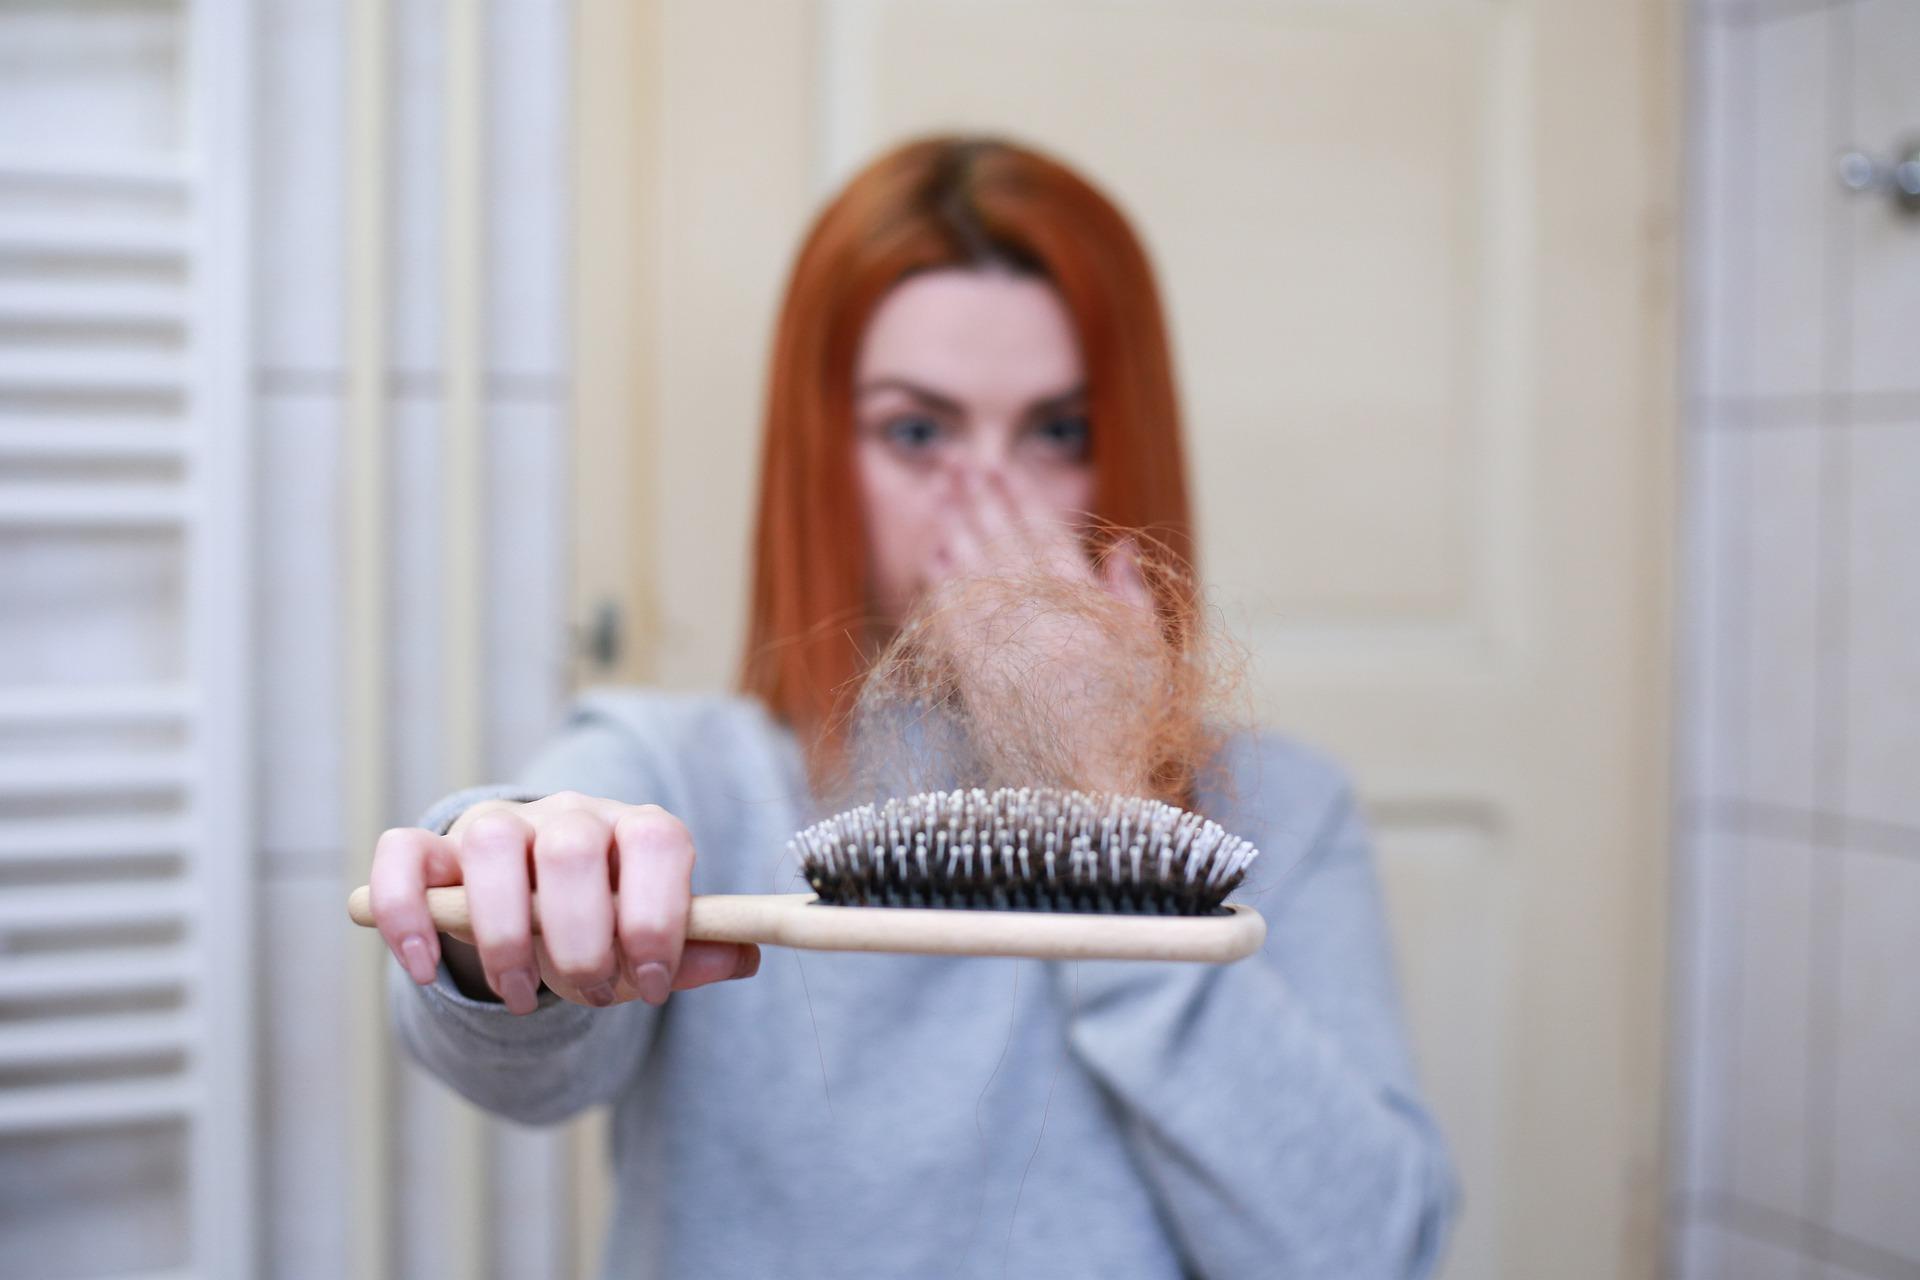 מה הקשר בין תזונה נכונה לנשירת שיער?